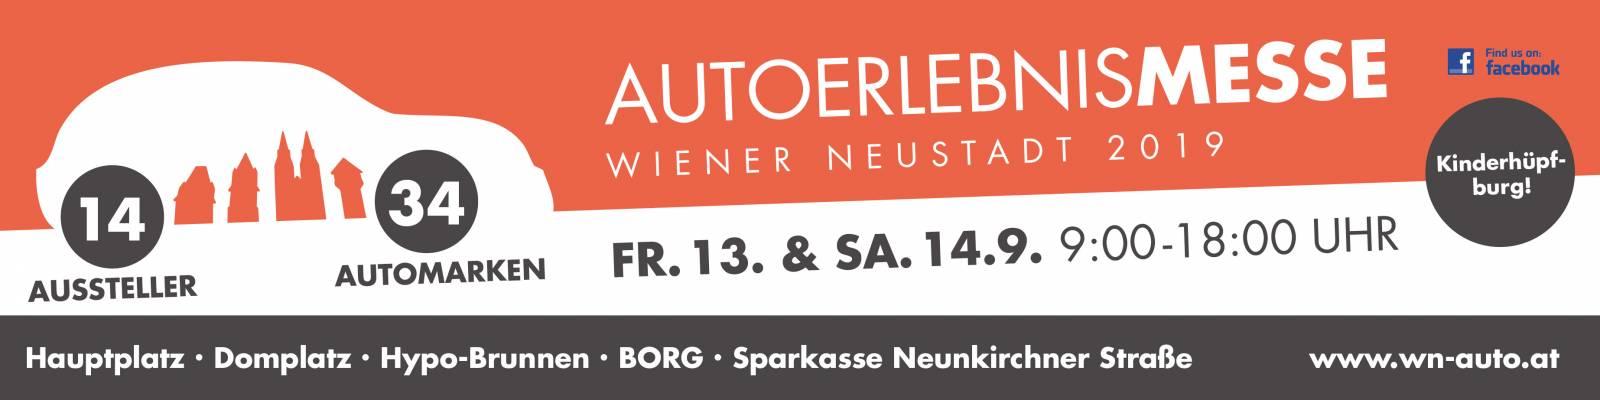 Autoerlebnismesse Wiener Neustadt